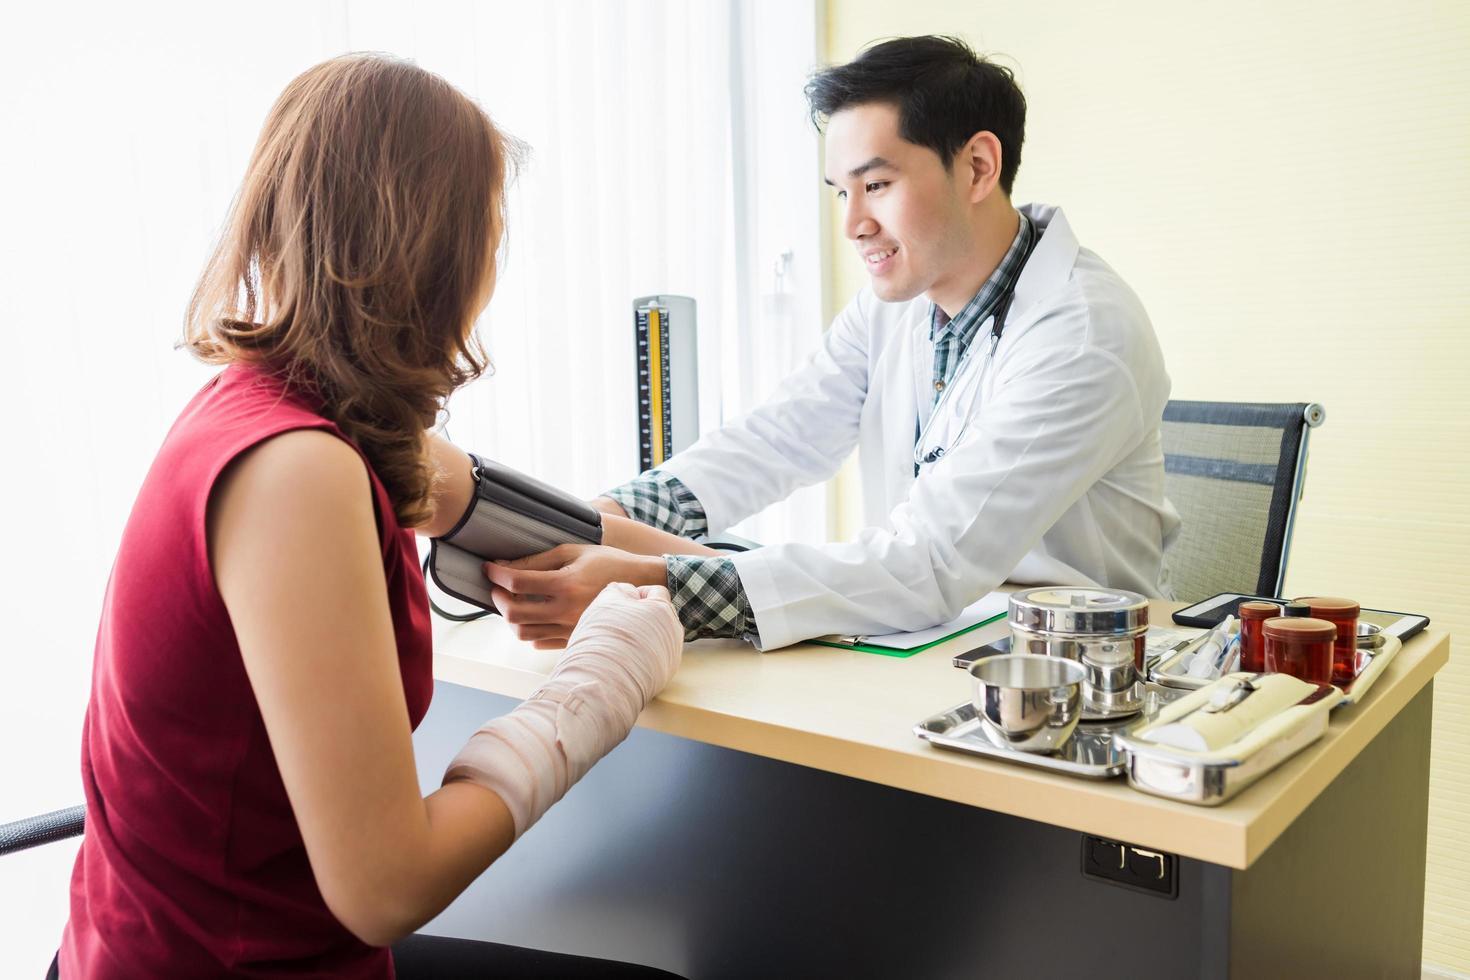 jeune médecin asiatique avec une patiente photo